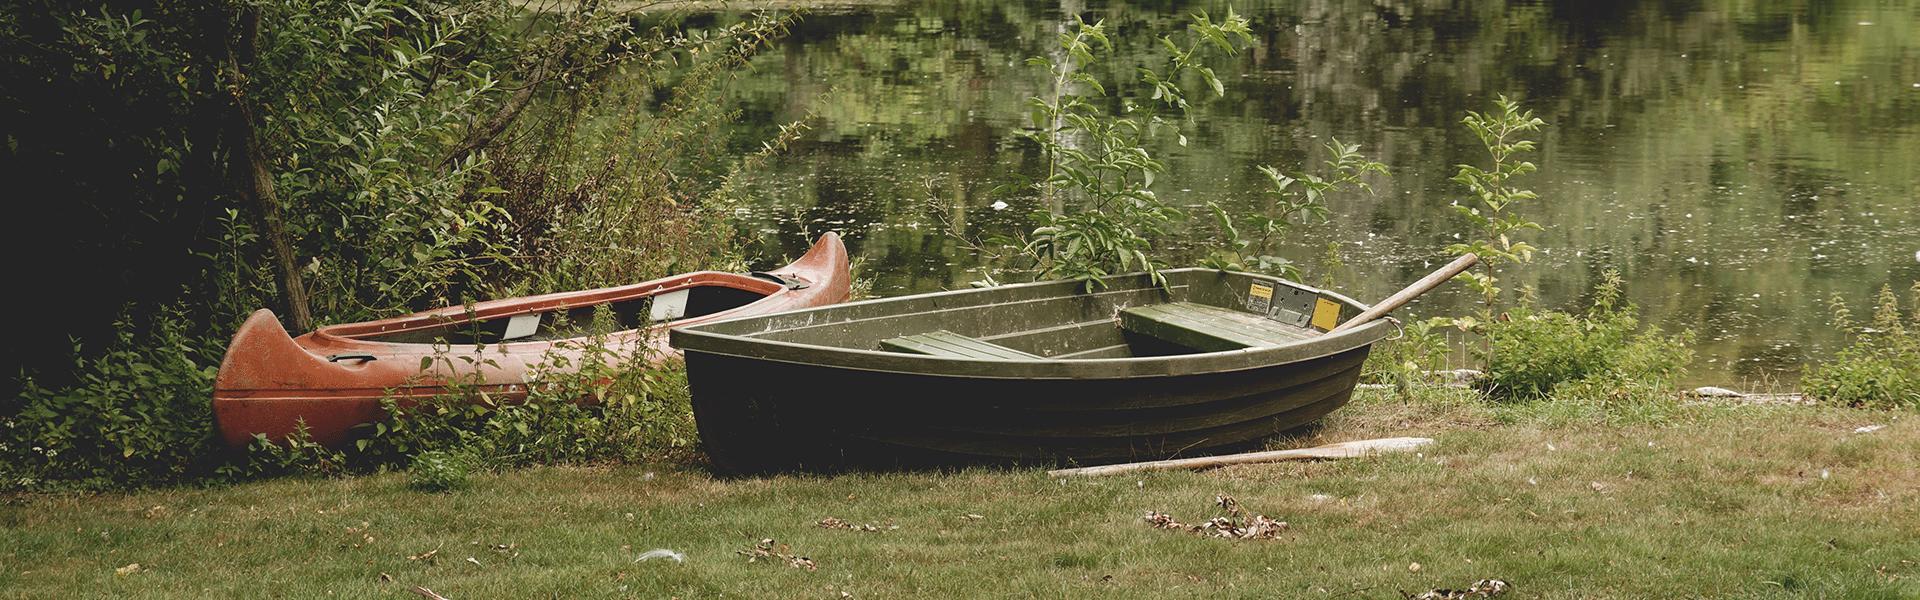 kano dommel